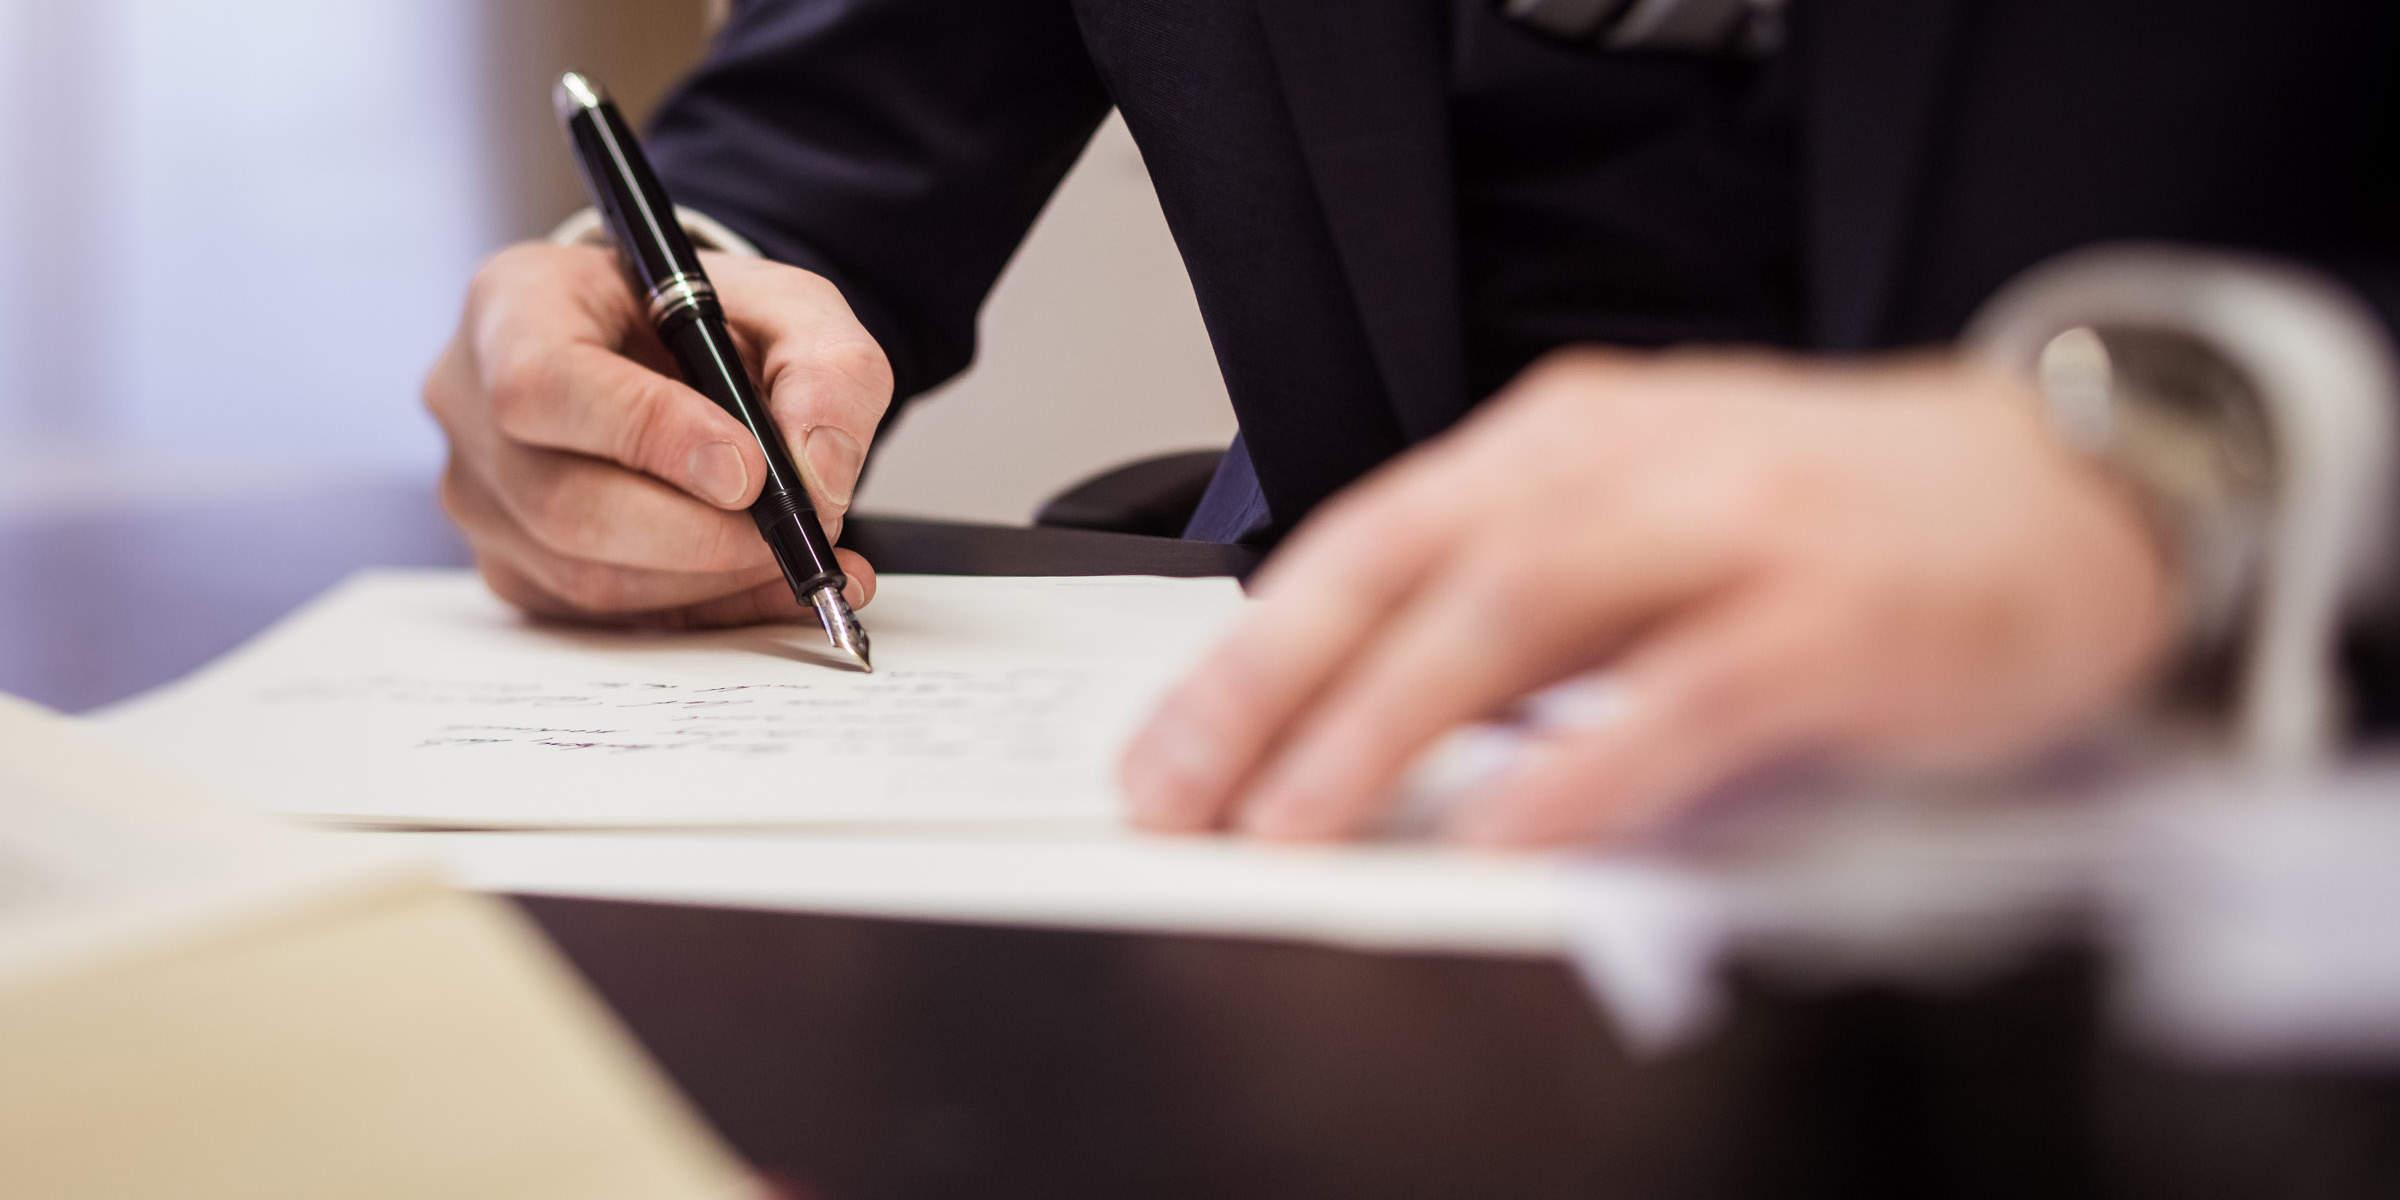 Rechtsanwalt Perathoner verfasst ein Testament an seinen Schreibtisch